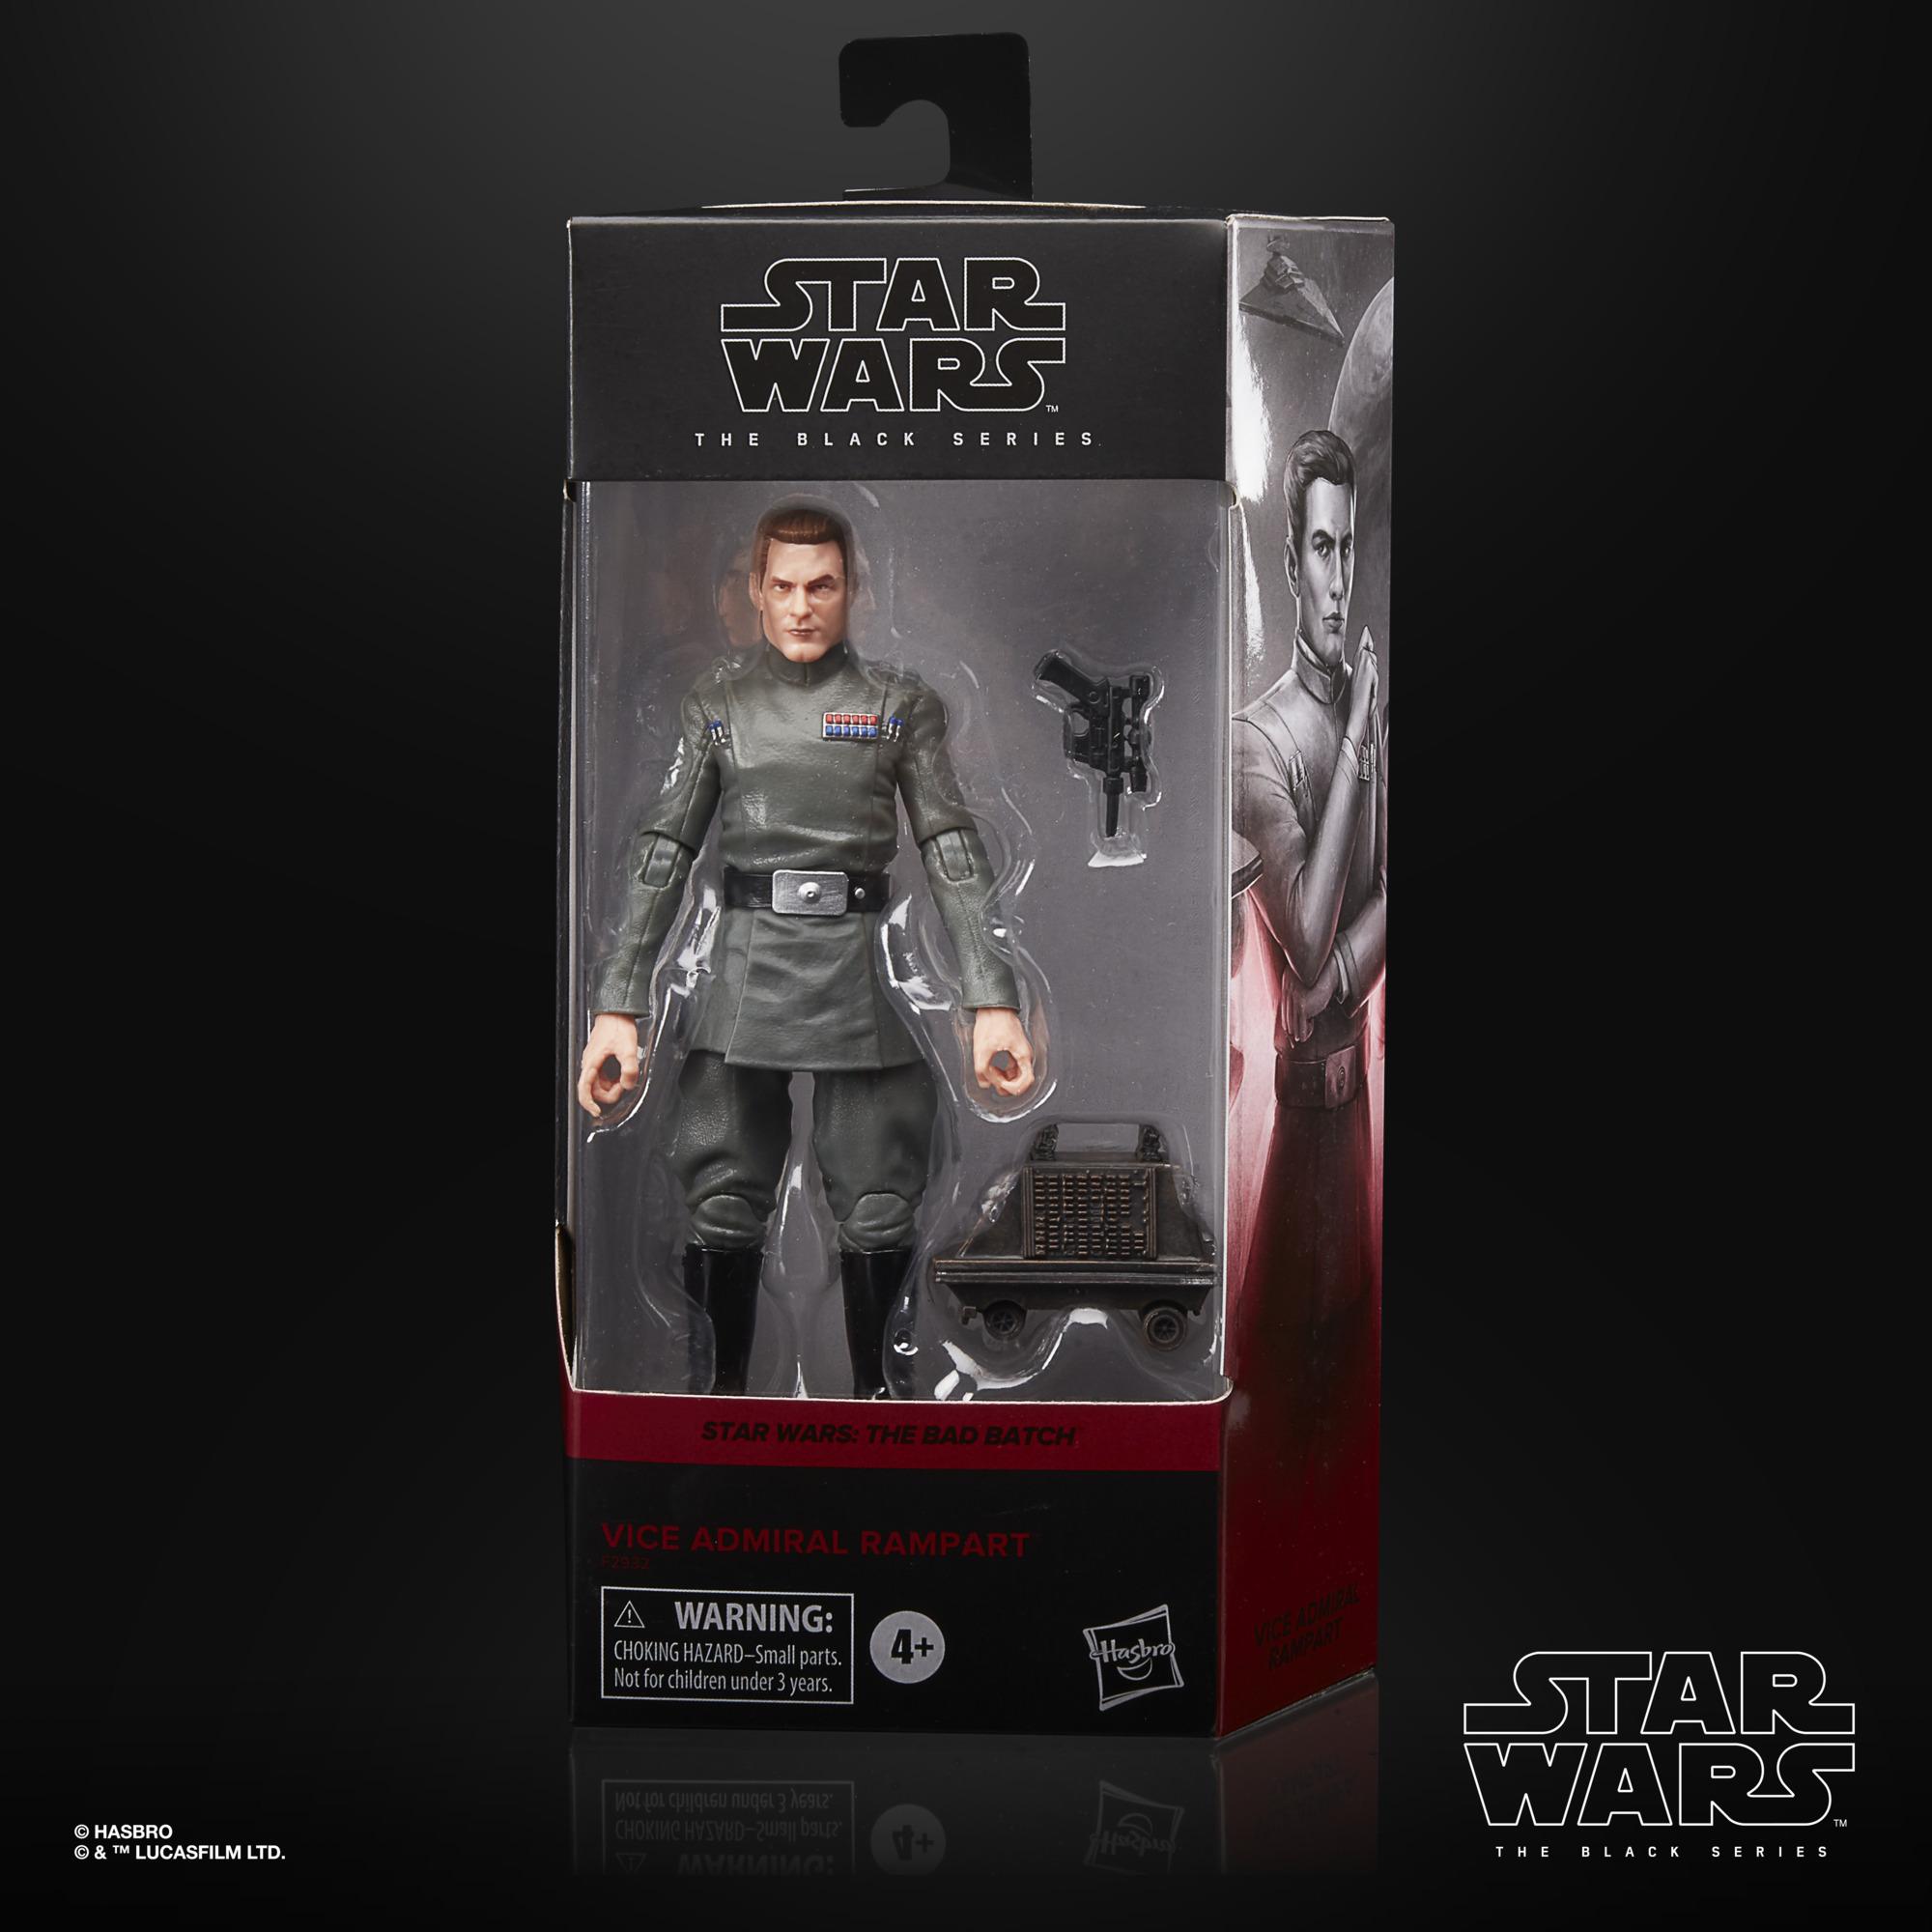 Star Wars The Black Series Vice Admiral Rampart F29325L00 5010993874262